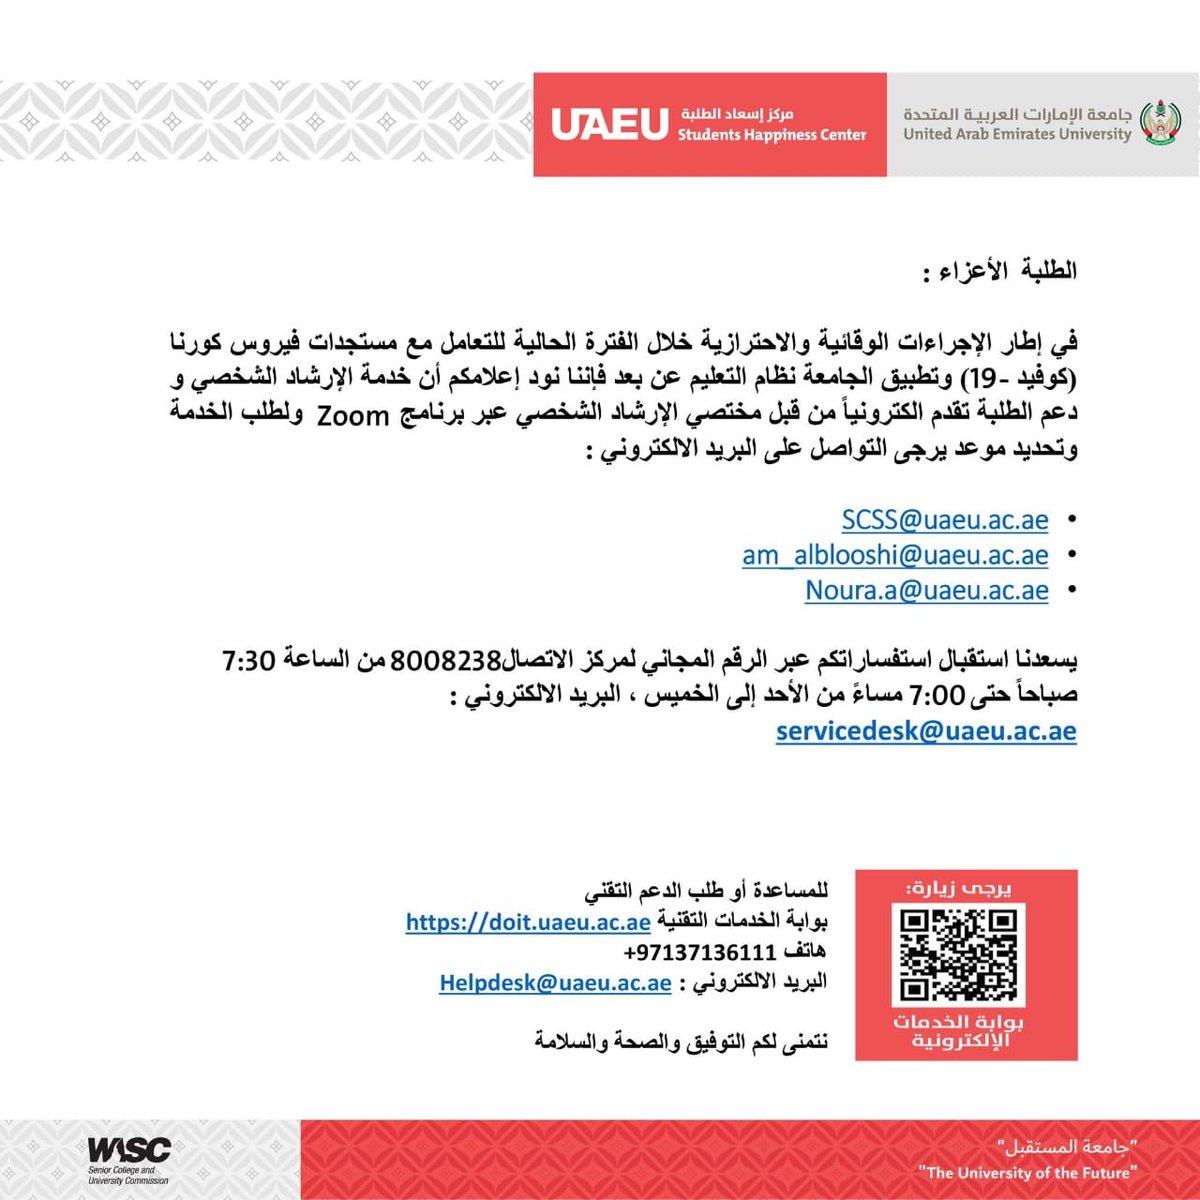 #جامعة_الإمارات : خدمة الإرشاد الشخصي ودعم الطلبة تقدم الكترونياً في إطار الإجراءات الوقائية والاحترازية خلال الفترة الحالية. #صحيفة_الخليج